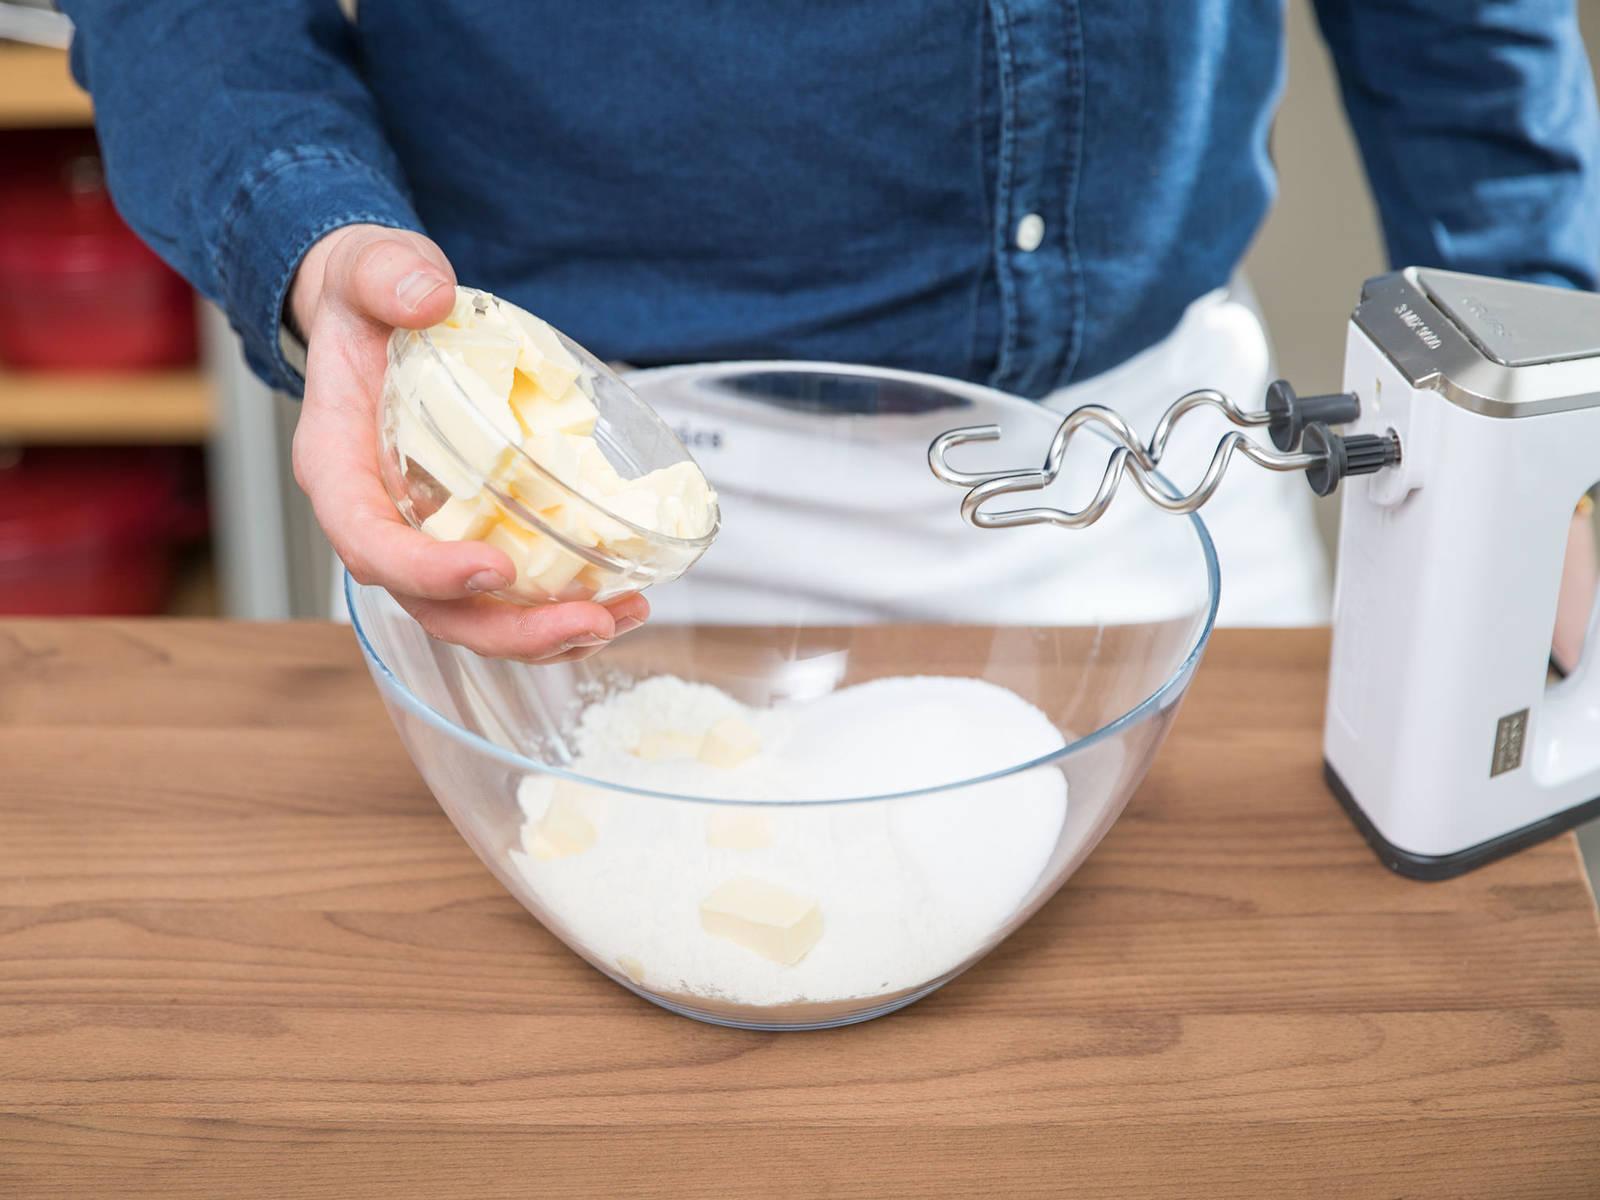 在搅拌机放入部分面粉、些许糖和盐。将部分冷黄油切丁,放入面粉混合物中,搅拌至形成一堆豌豆大小的小碎粒。